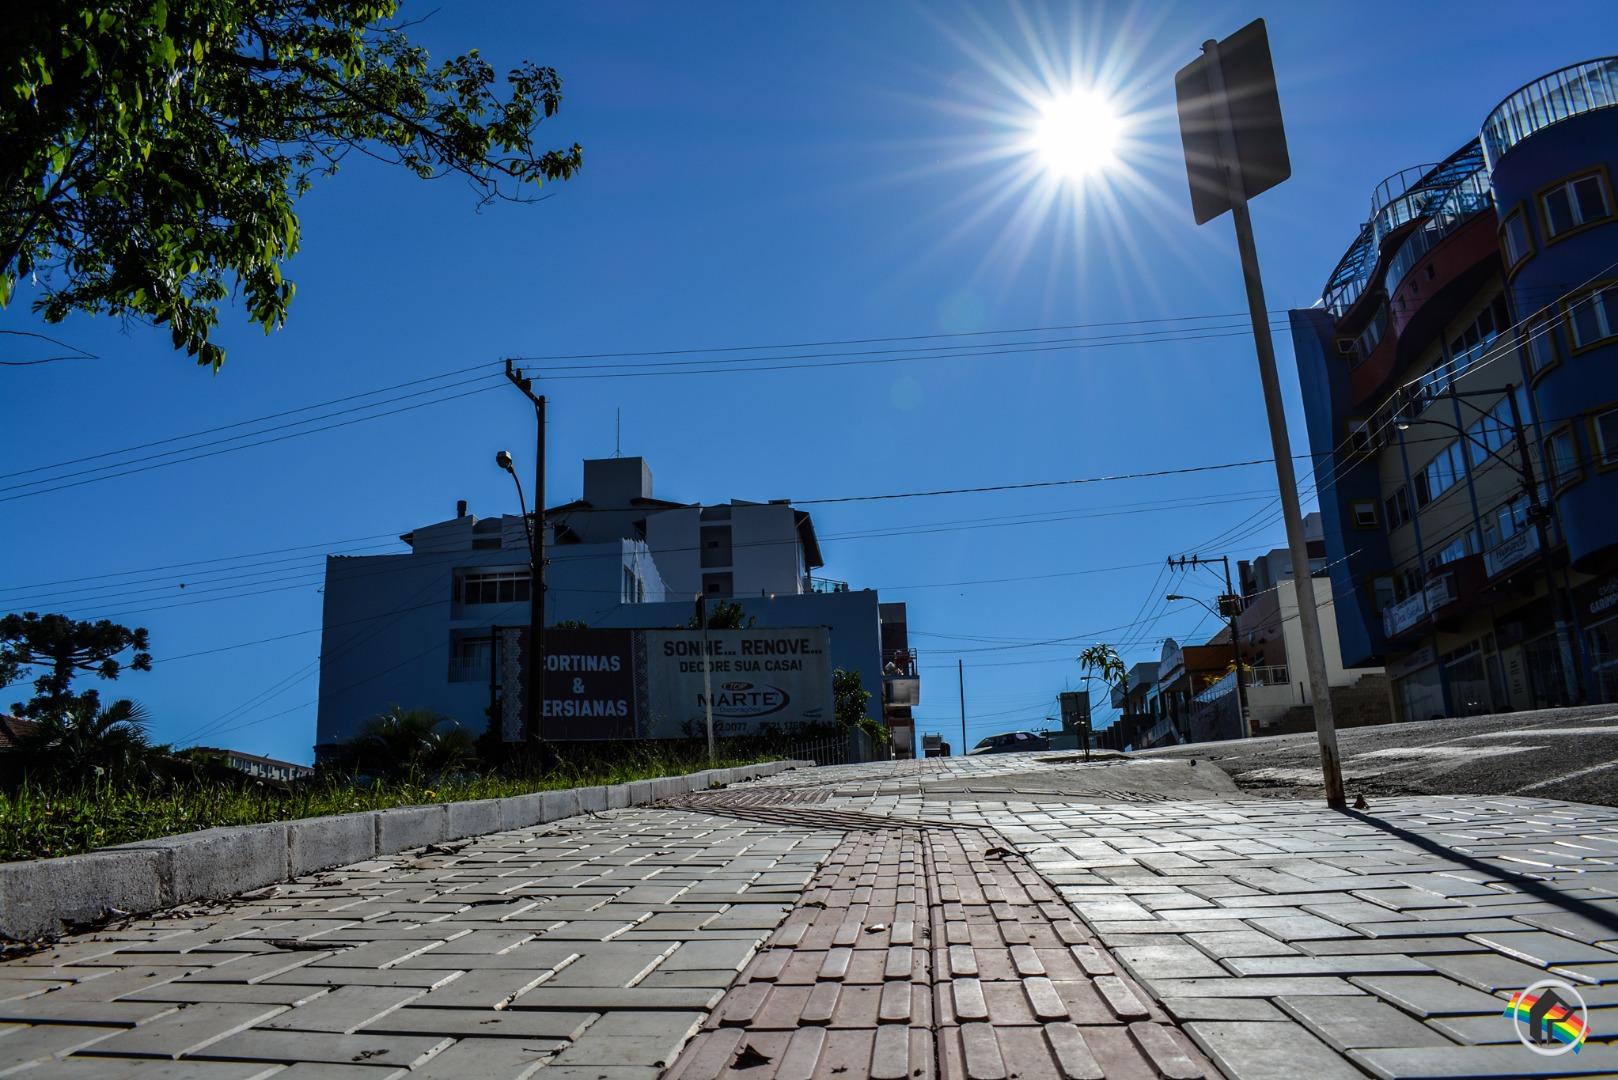 Vereador diz que lei não obriga morador a fazer calçadas padrão